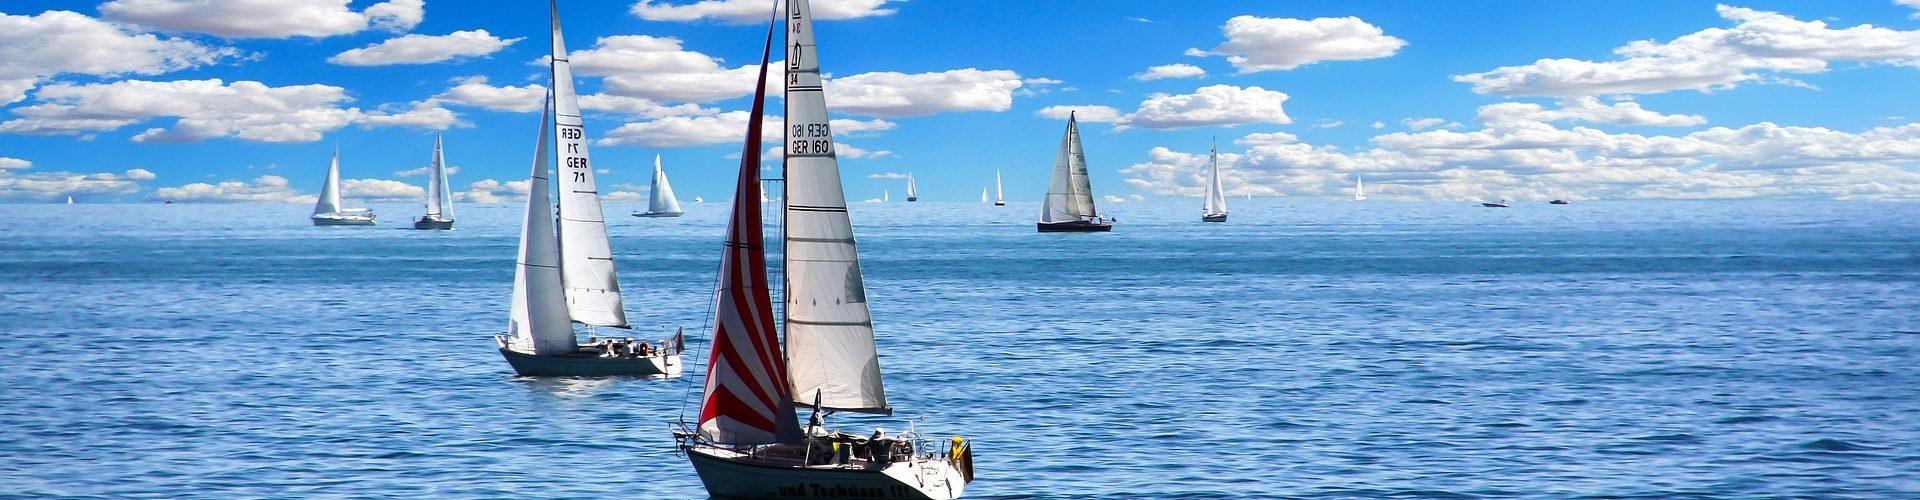 segeln lernen in Blankensee segelschein machen in Blankensee 1920x500 - Segeln lernen in Blankensee